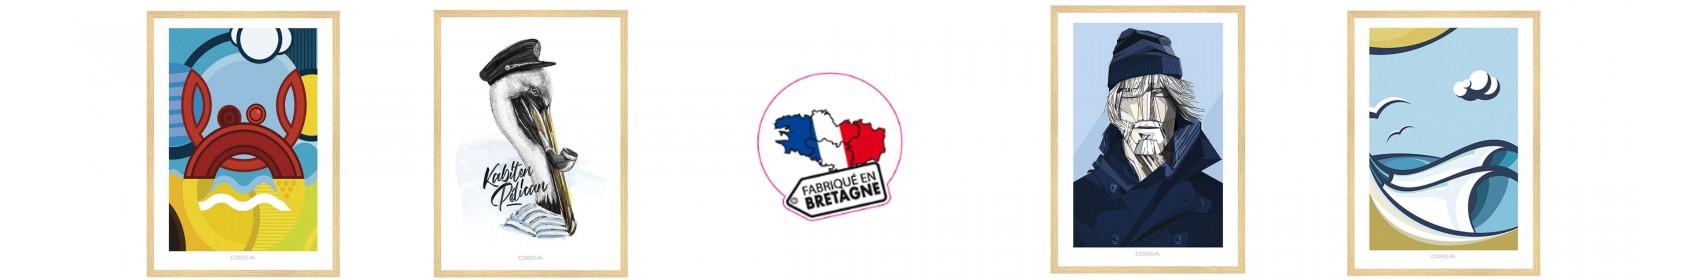 Tableaux contemporains de peintures marines peints à la main